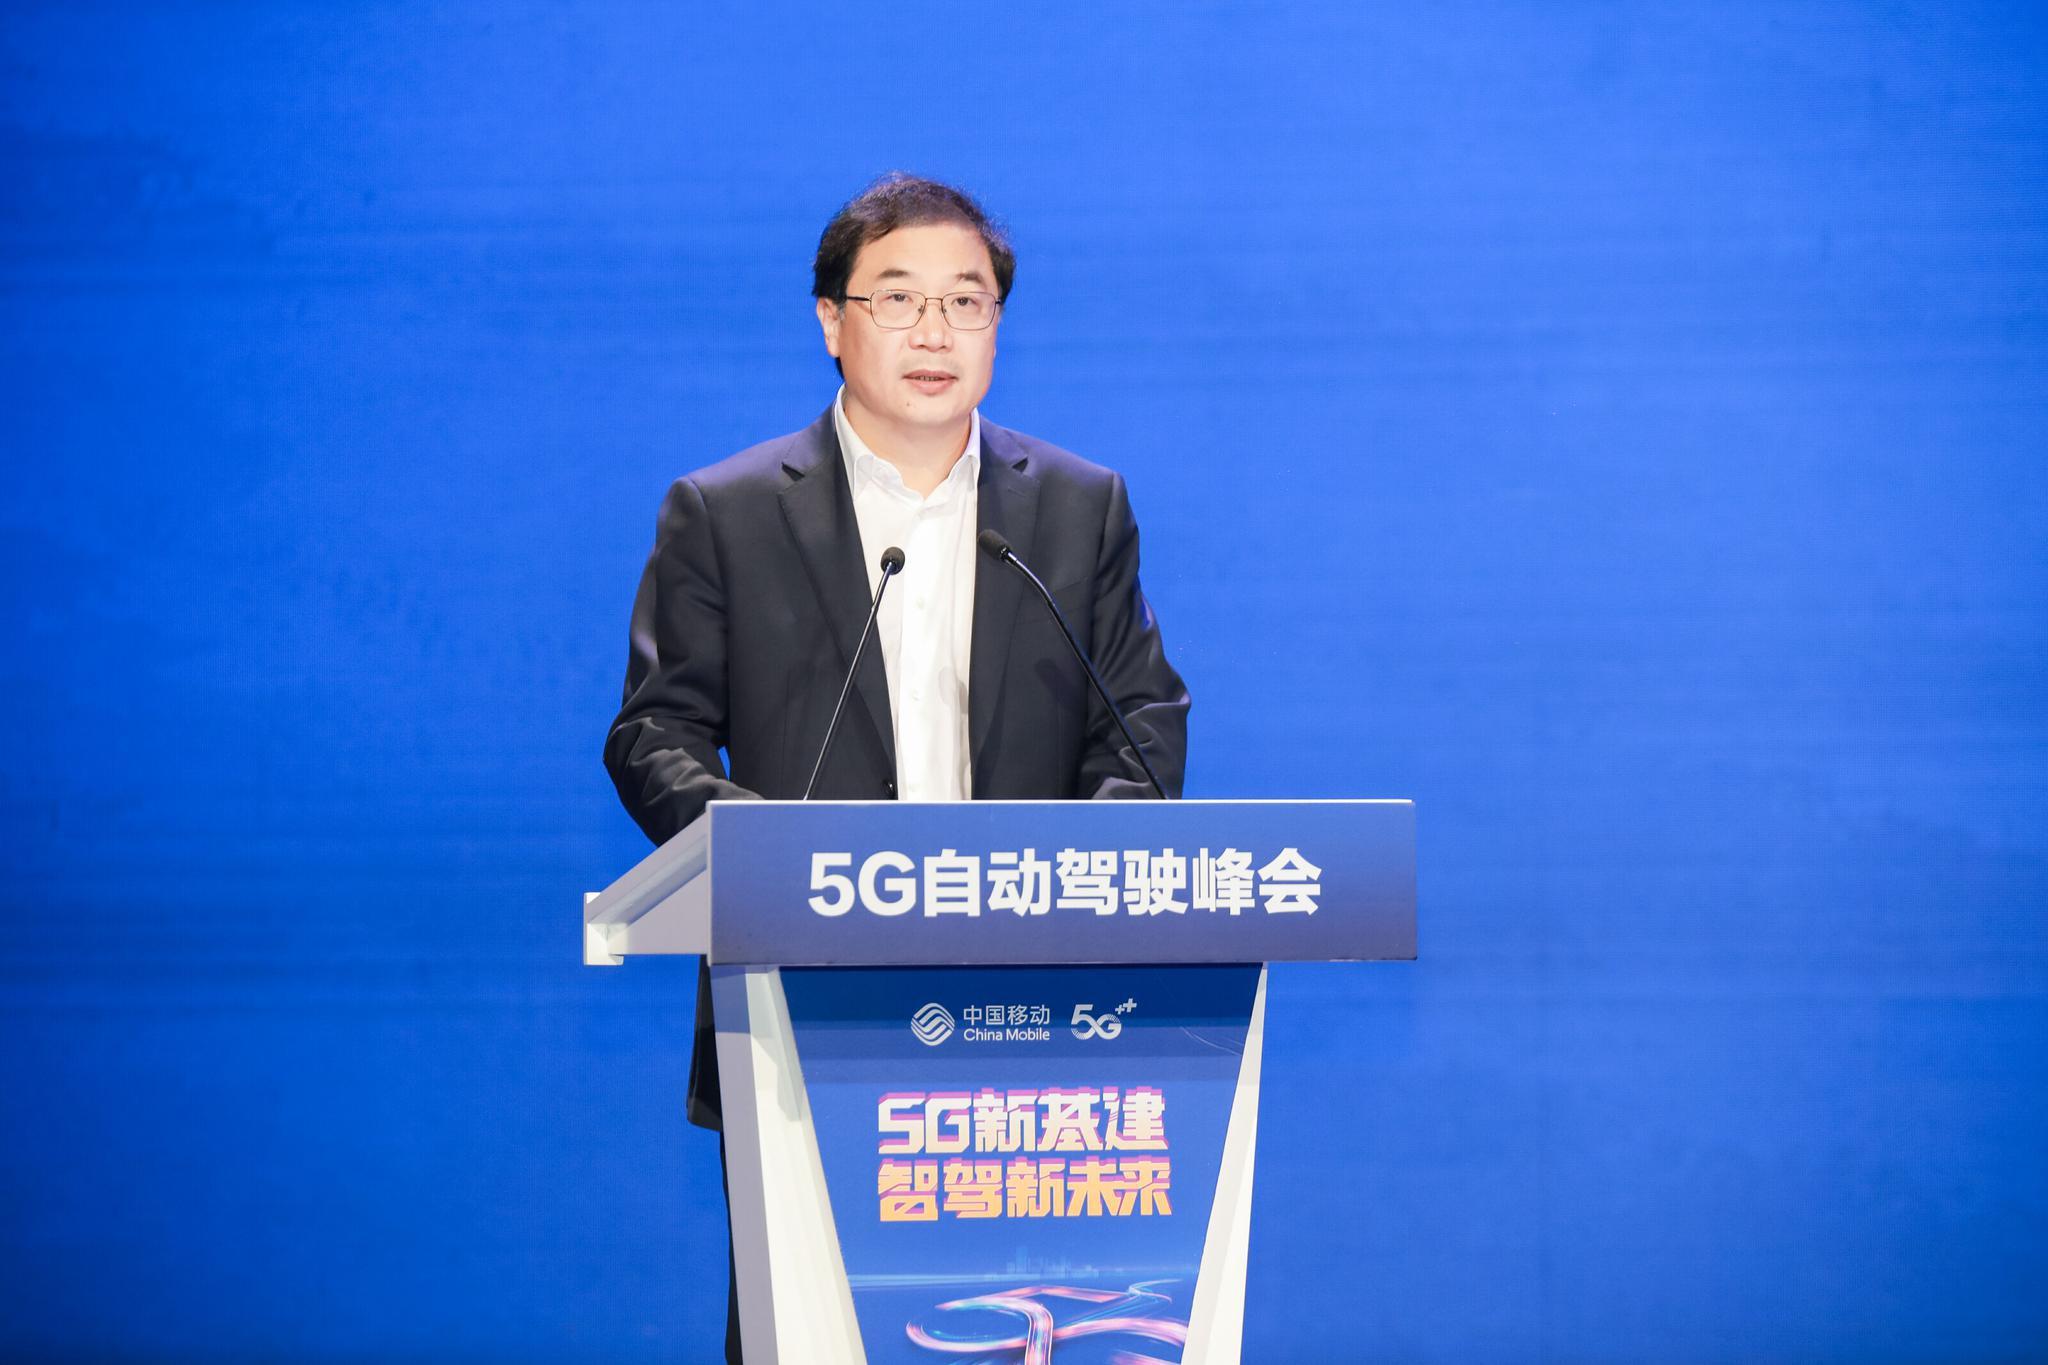 中国移动大举进军5G自动驾驶,团队规模有望扩展至万人